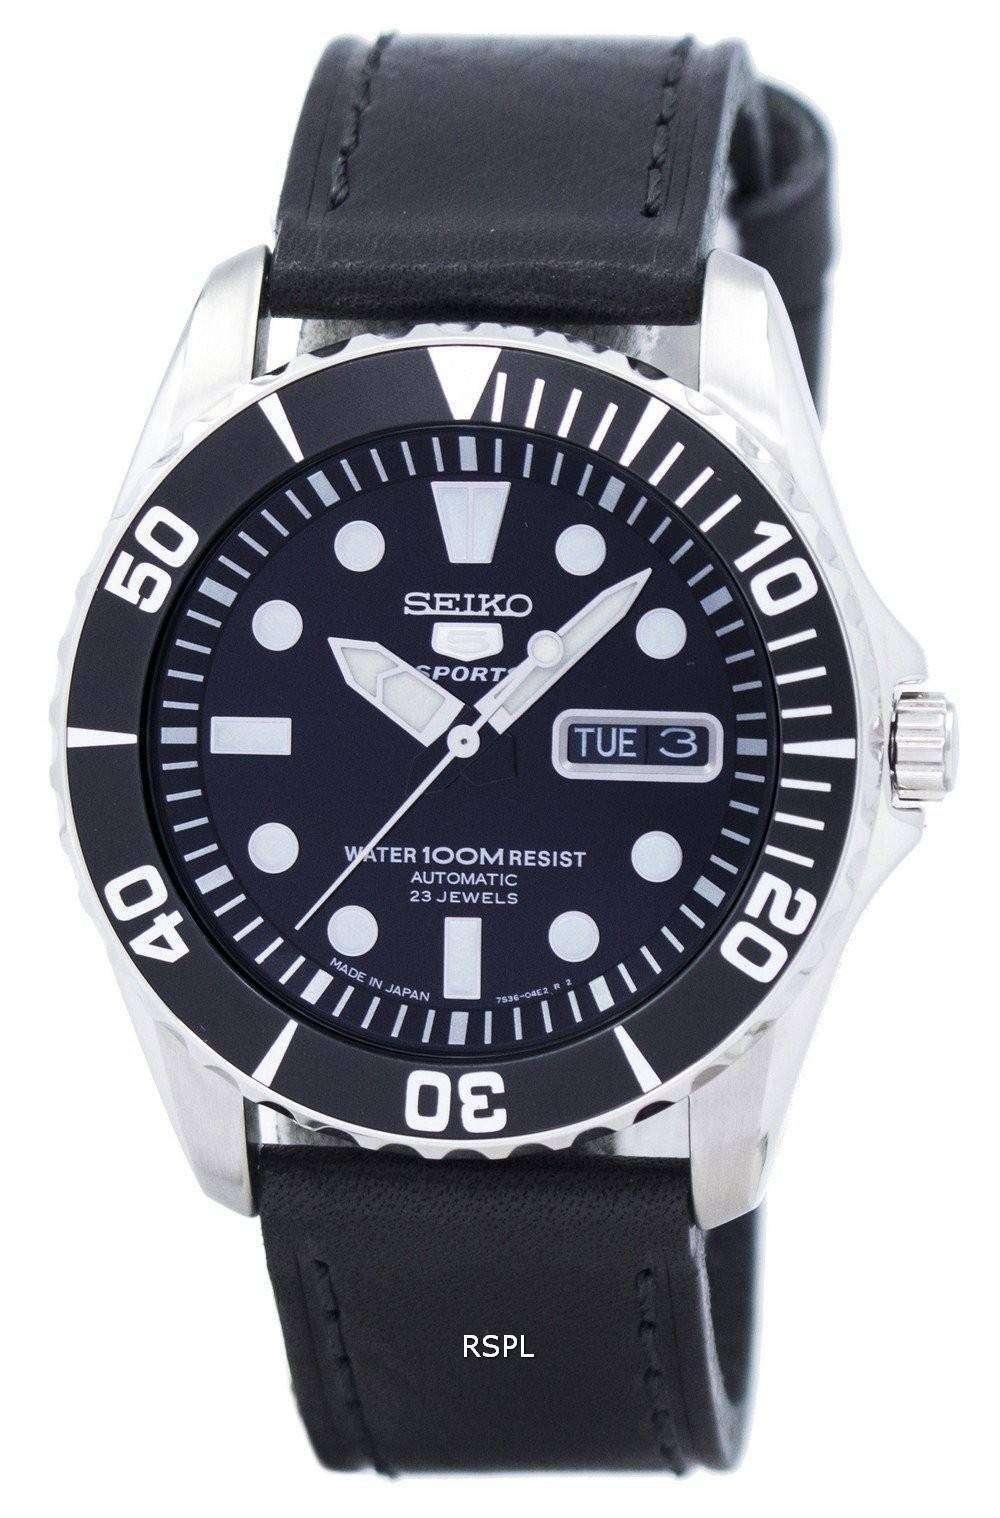 8d26fba73592 Reloj Seiko 5 Sports automático 23 joyas relación cuero negro ...